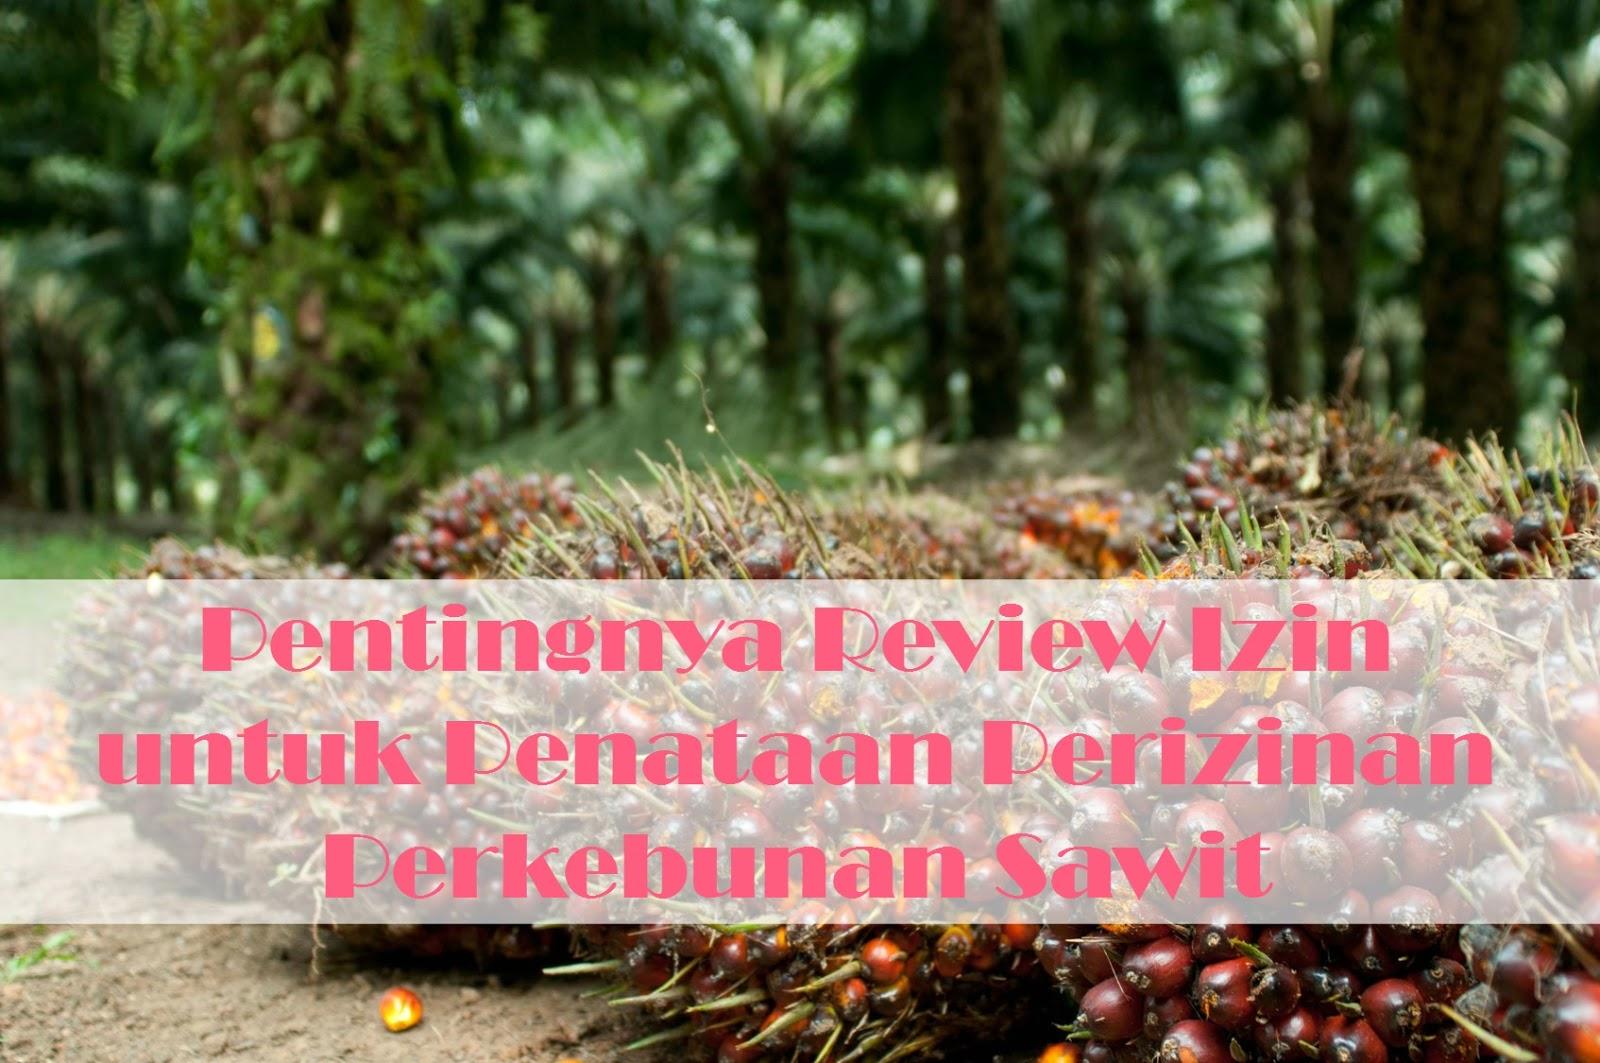 Review Izin untuk Penataan Perizinan, Transparansi Masyarakat Aceh